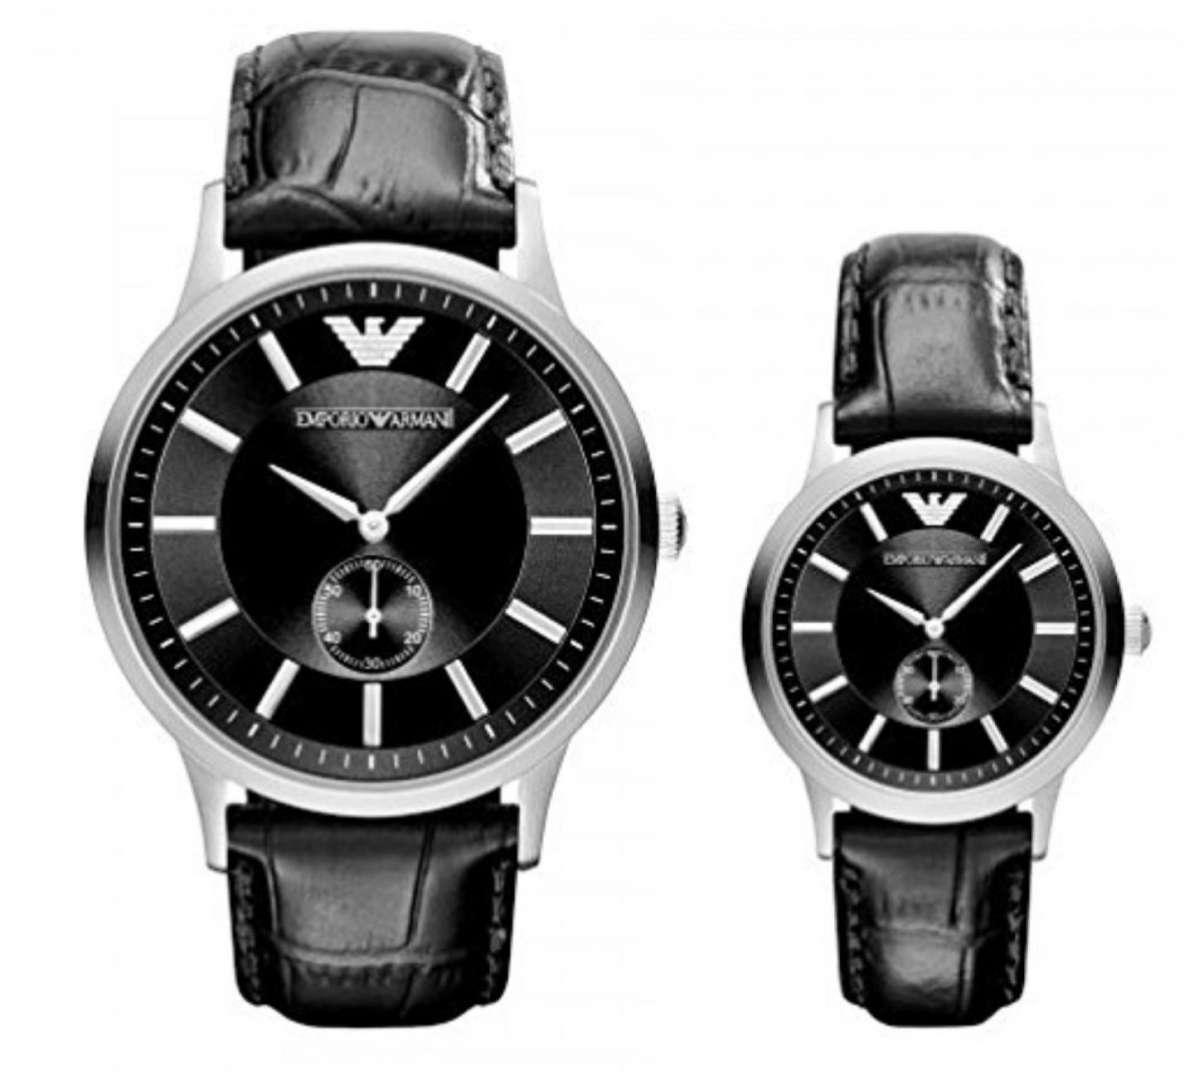 שעון יד אנלוגי emporio armani ar9100 אמפוריו ארמני